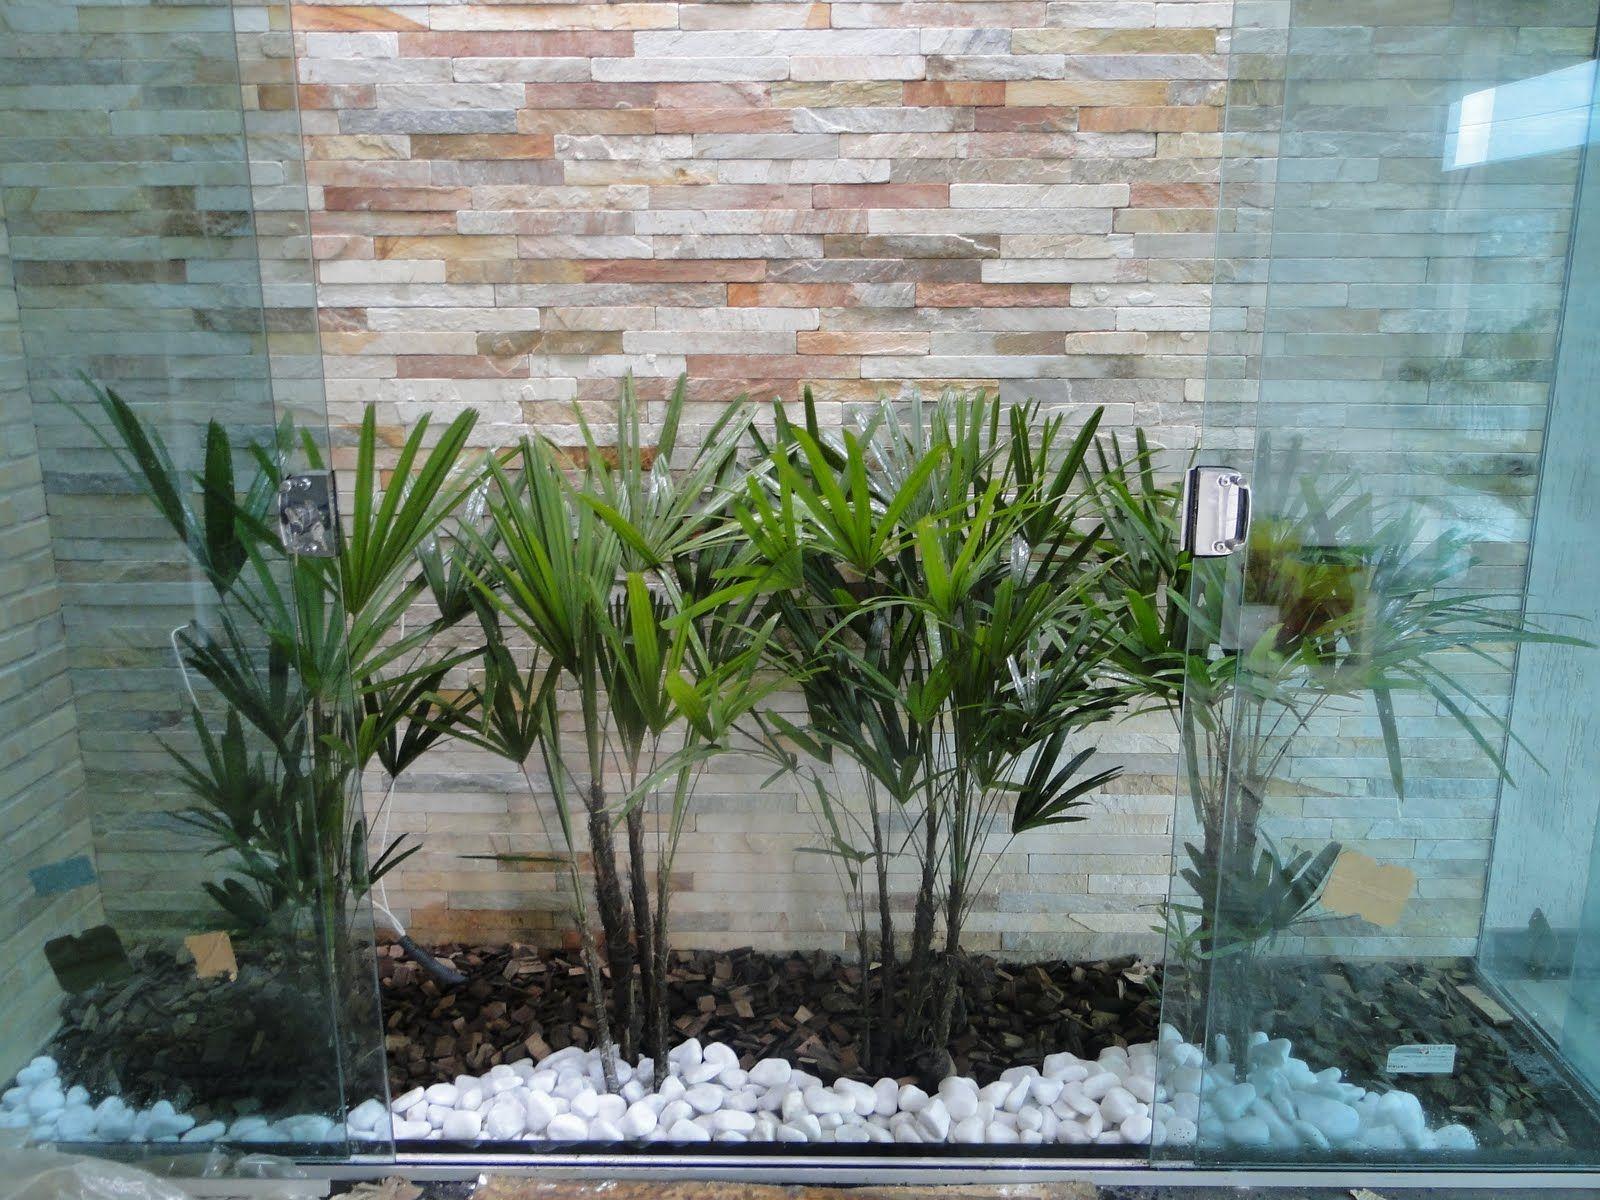 Jardim de Inverno Pequeno e Simples com cascata, paletes e